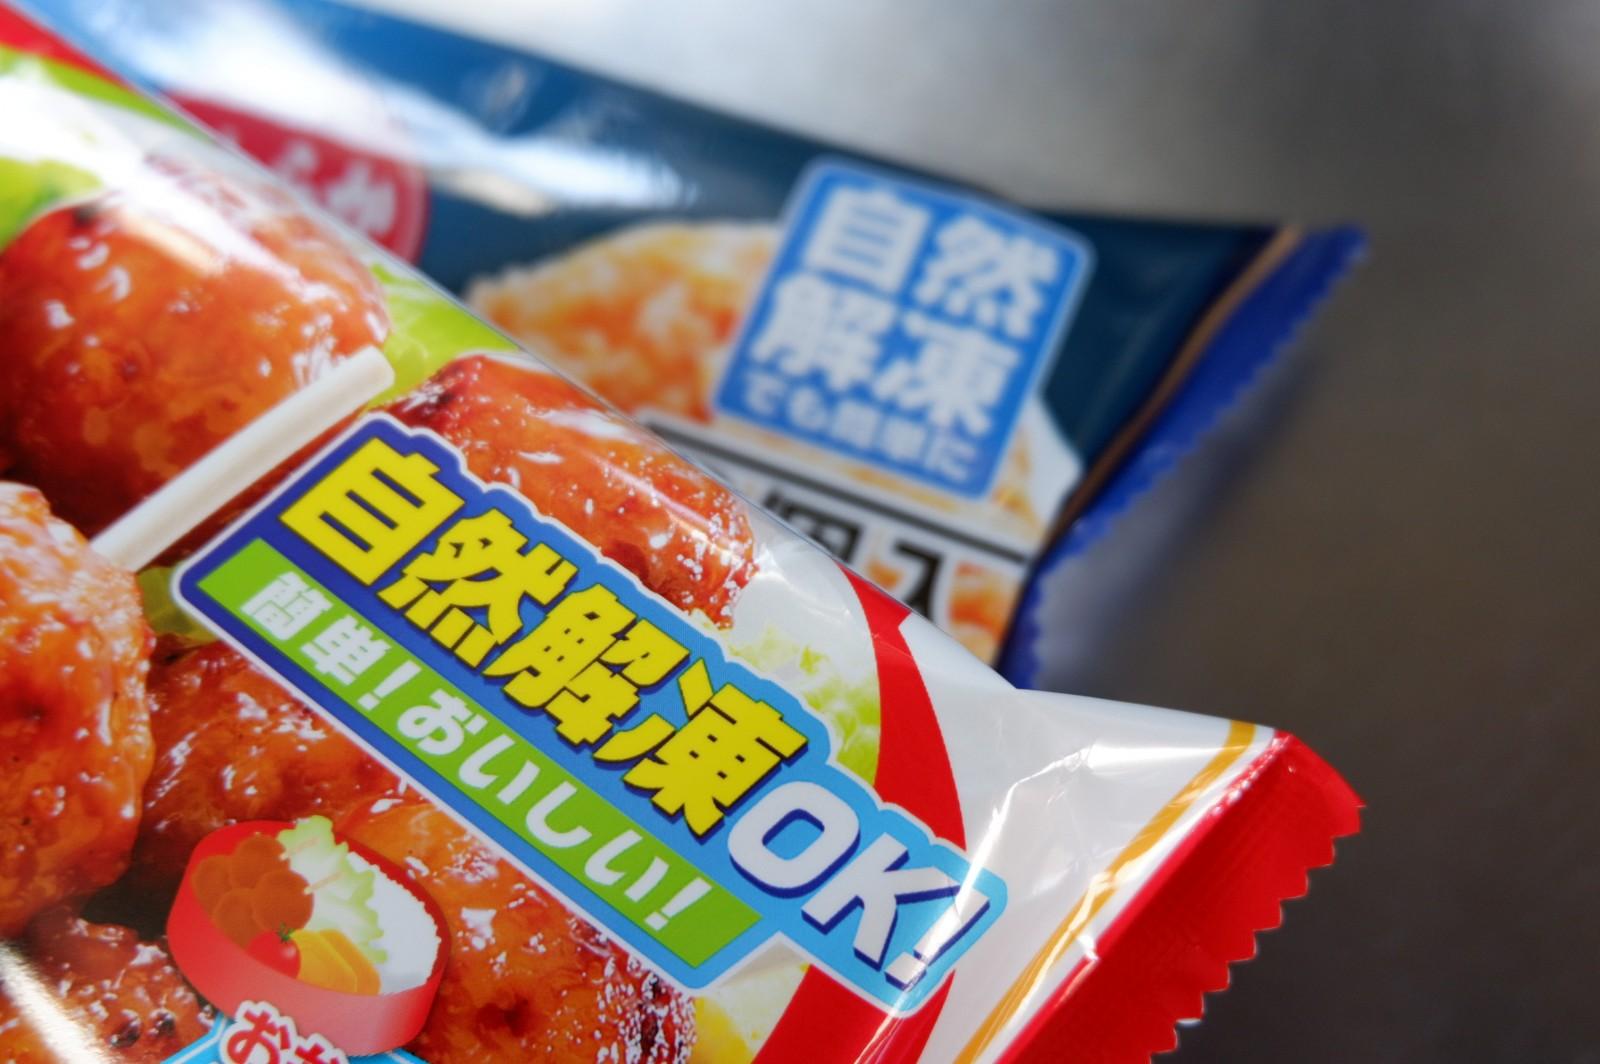 自然解凍で食べられる冷凍食品と「加熱してお召し上がり下さい」と表示された冷凍食品がありますが、どう違うのですか?